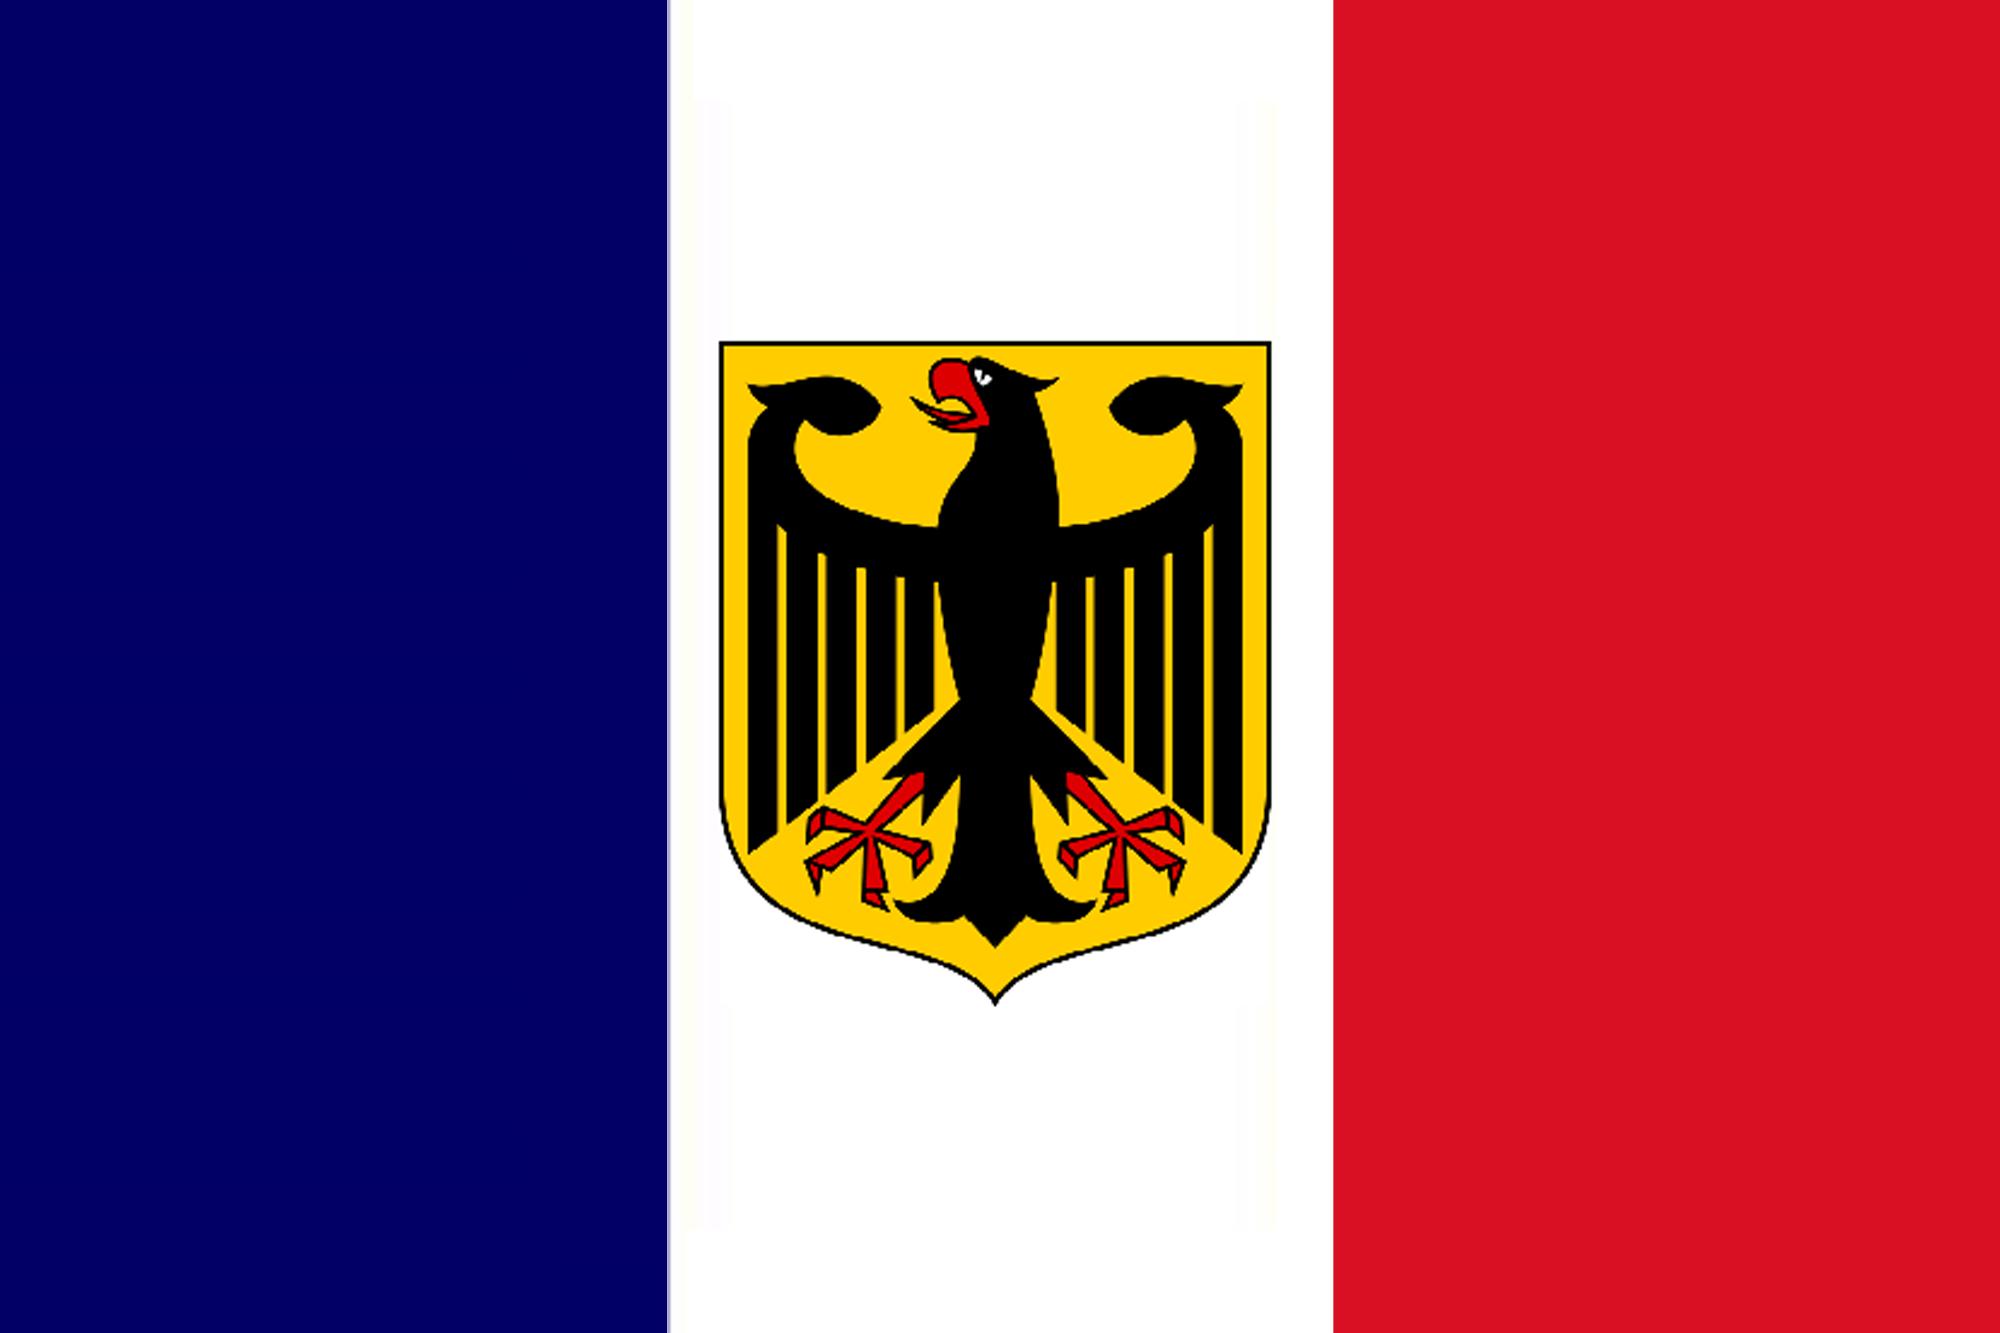 Copa Mundial de Fútbol de 1942 (Gran Imperio Alemán)